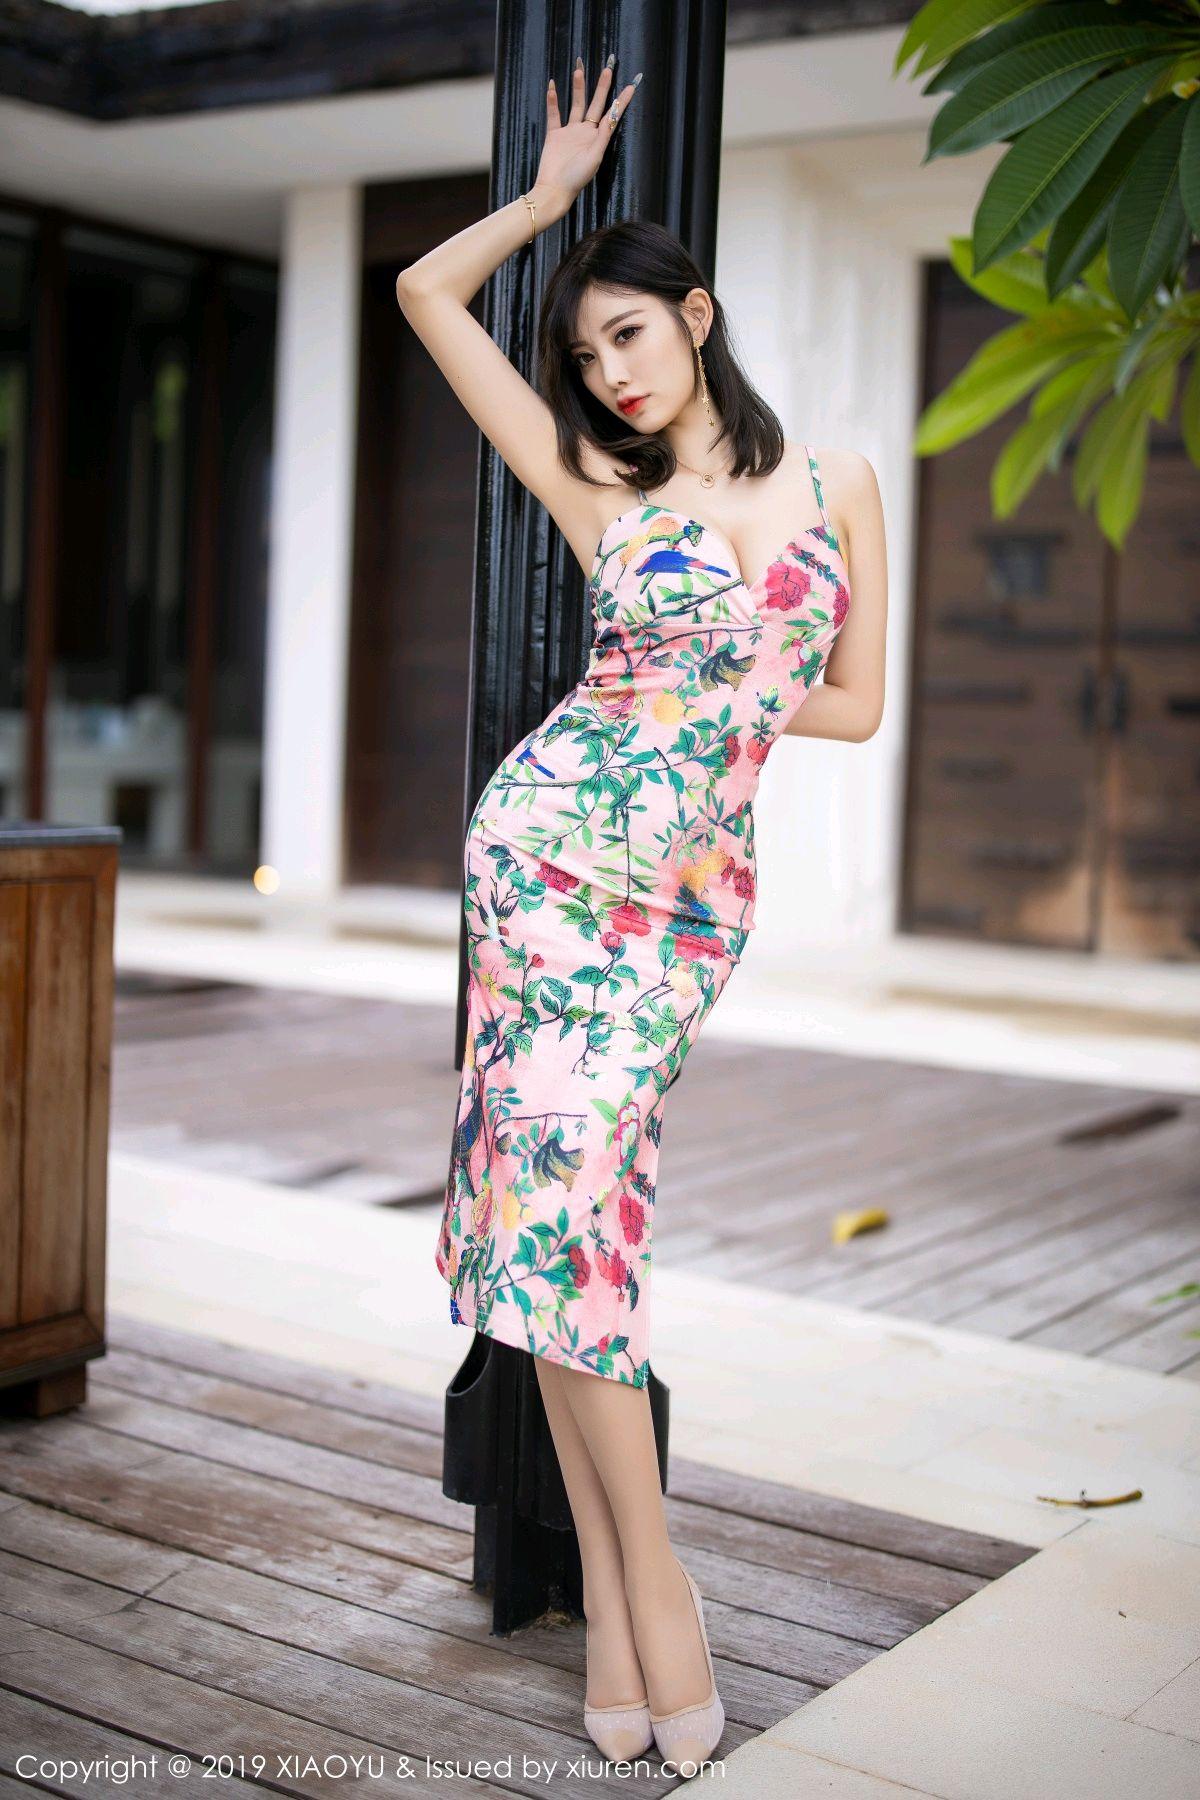 [XiaoYu] Vol.194 Yang Chen Chen 7P, Bikini, XiaoYu, Yang Chen Chen